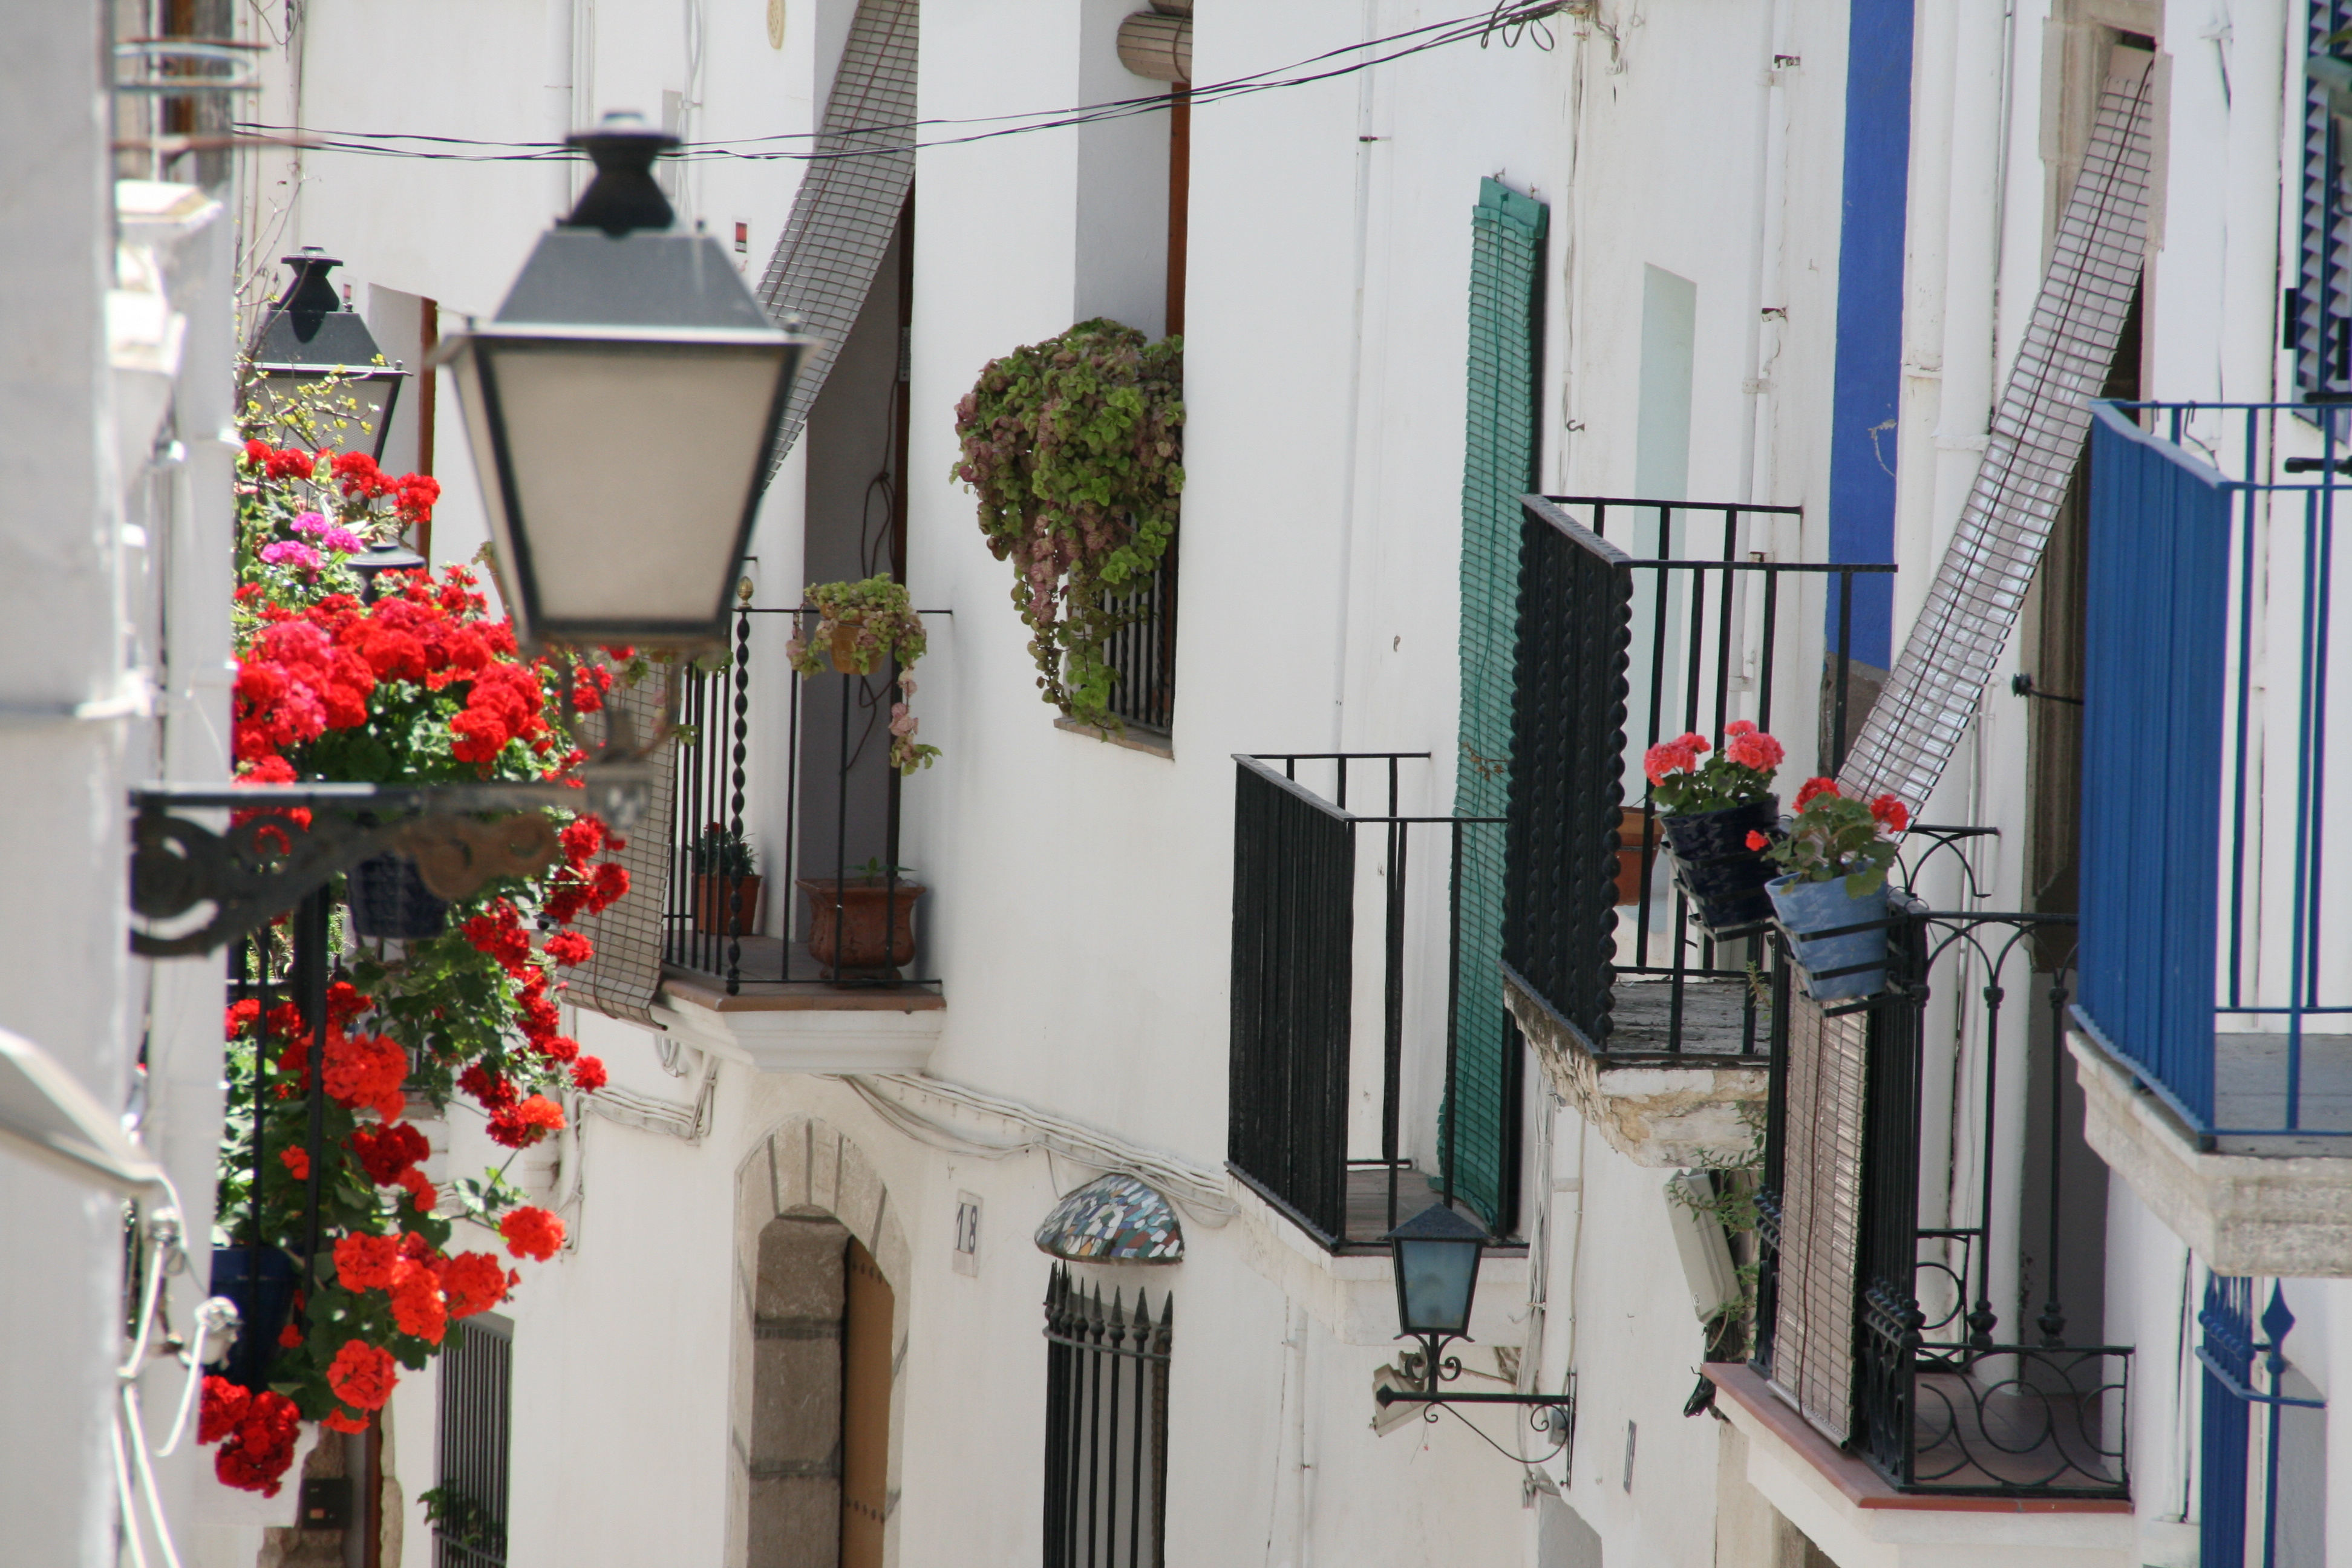 Problemas de viviendas en España- contratos de arrendamiento